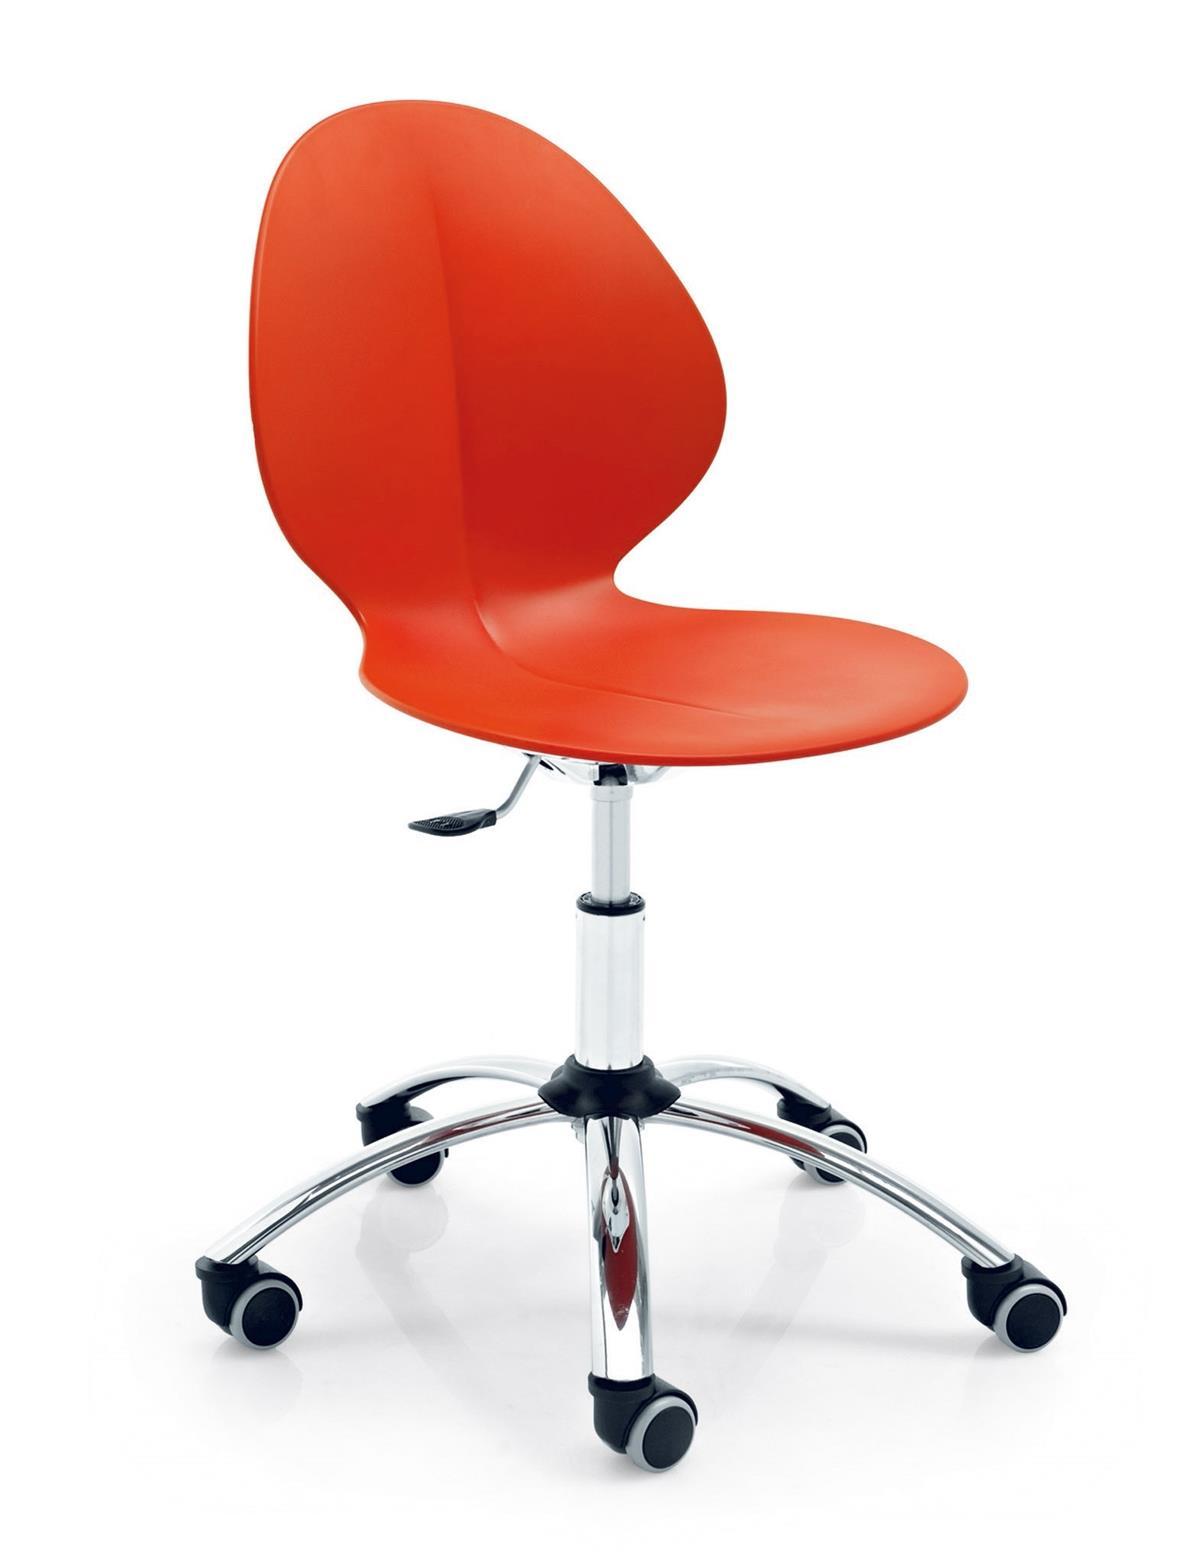 Basil star base chair - на 360.ru: цены, описание, характеристики, где купить в Москве.